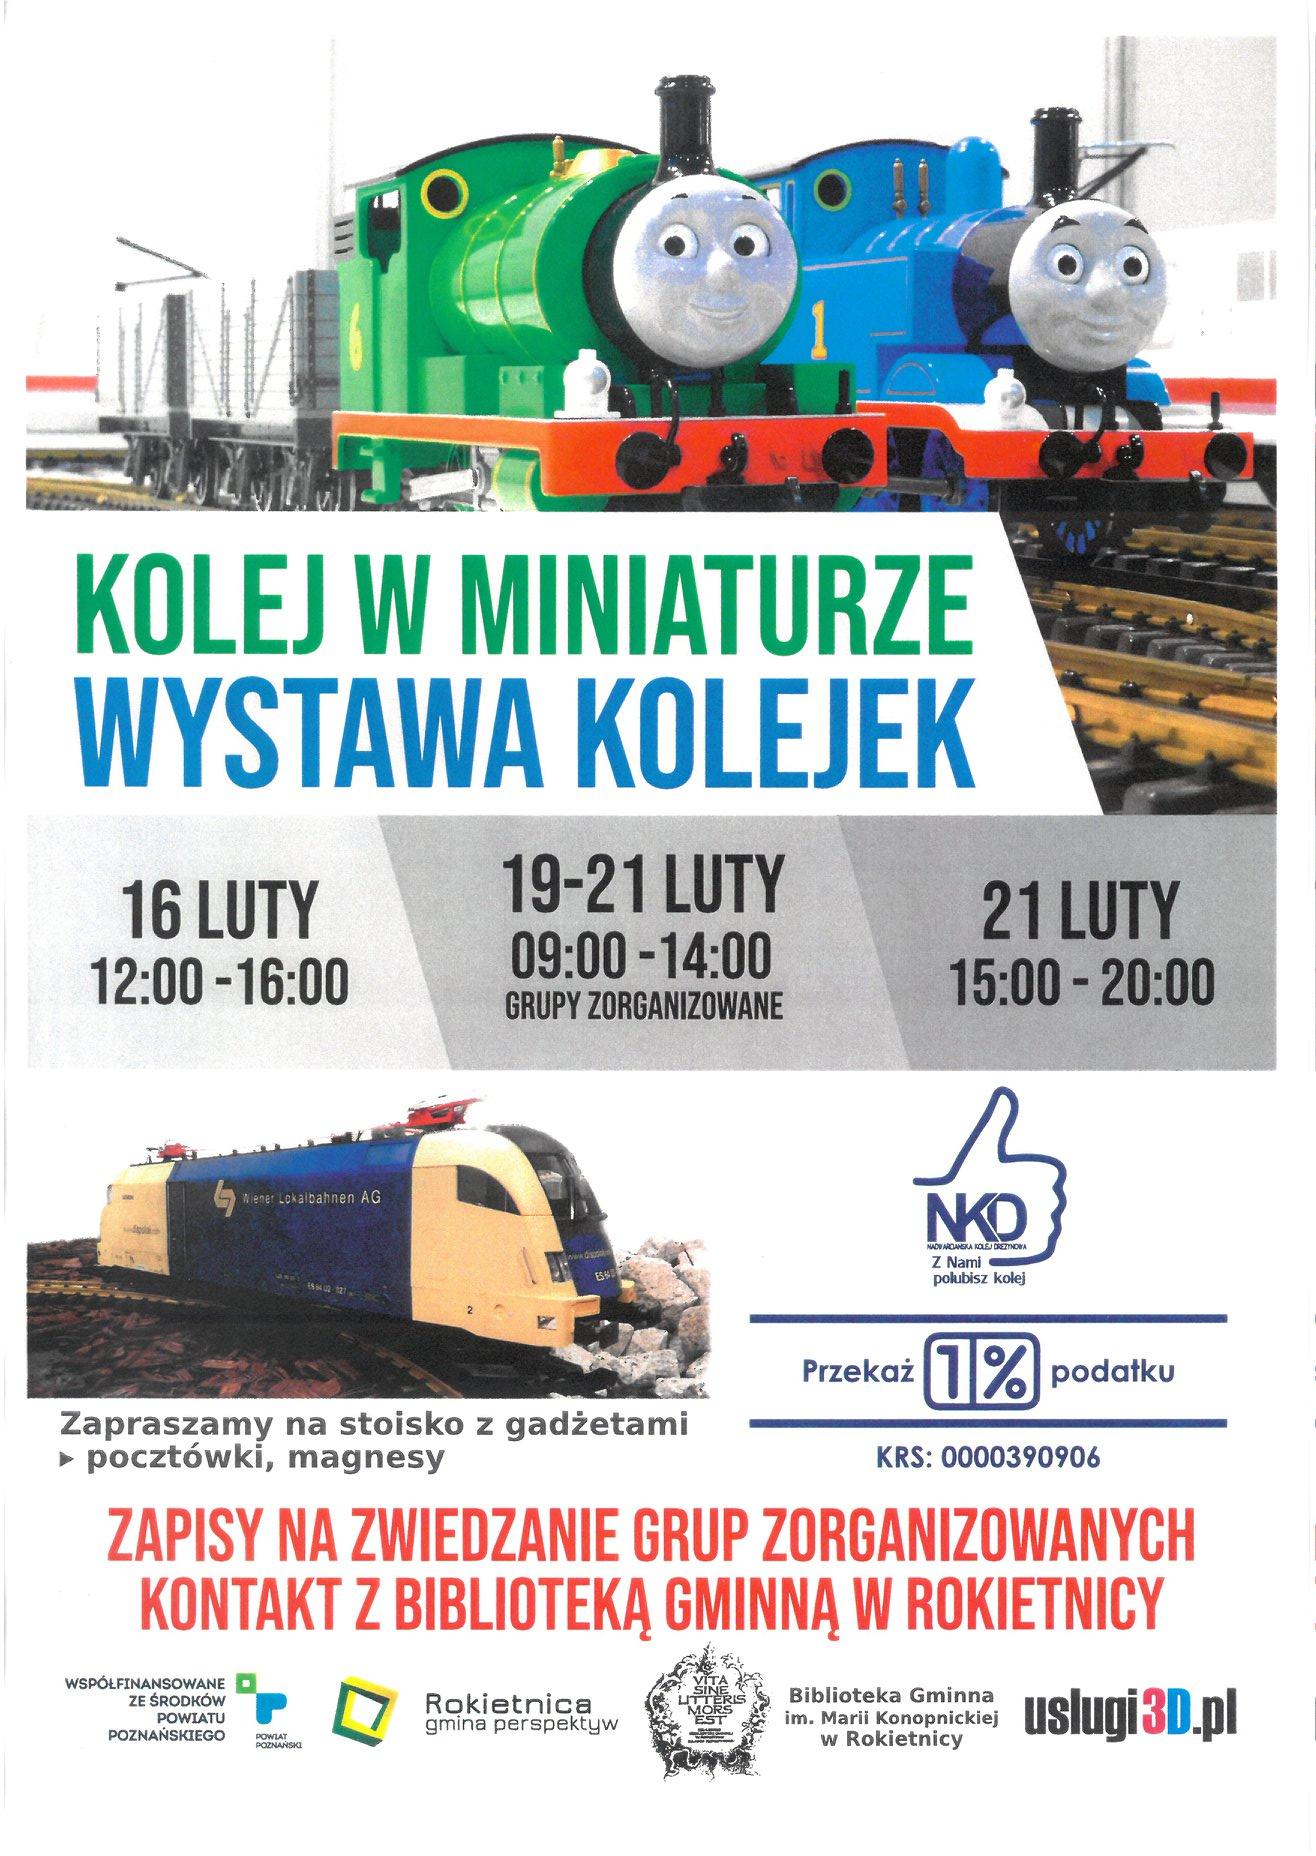 Na plakacie 2 bajkowe pociągi: Tomek i Piotruś.  Poniżej napis: Kolej w miniaturze. Wystawa kolejek. 16 luty 12:00 - 16:00; 19-21 luty 9:00 - 14:00 grupy zorganizowane; 21 luty 15:00 - 20:00 Poniżej pociąg Zapraszamy na stoisko z gadżetami pocztówki, magnesy, logotyp Nadwarciańskiej Kolei Drezynowej, przekaż 1%, KRS 0000390906 Zapisy na zwiedzanie grup zorganizowanych kontakt z Biblioteką Gminną w Rokietnicy Poniżej logotypy: współfinansowane ze środków powiatu poznańskiego, Rokietnica gmina perspektyw, Biblioteka Gminna im. Marii Konopnickiej w Rokietnicy, usługi3D.pl